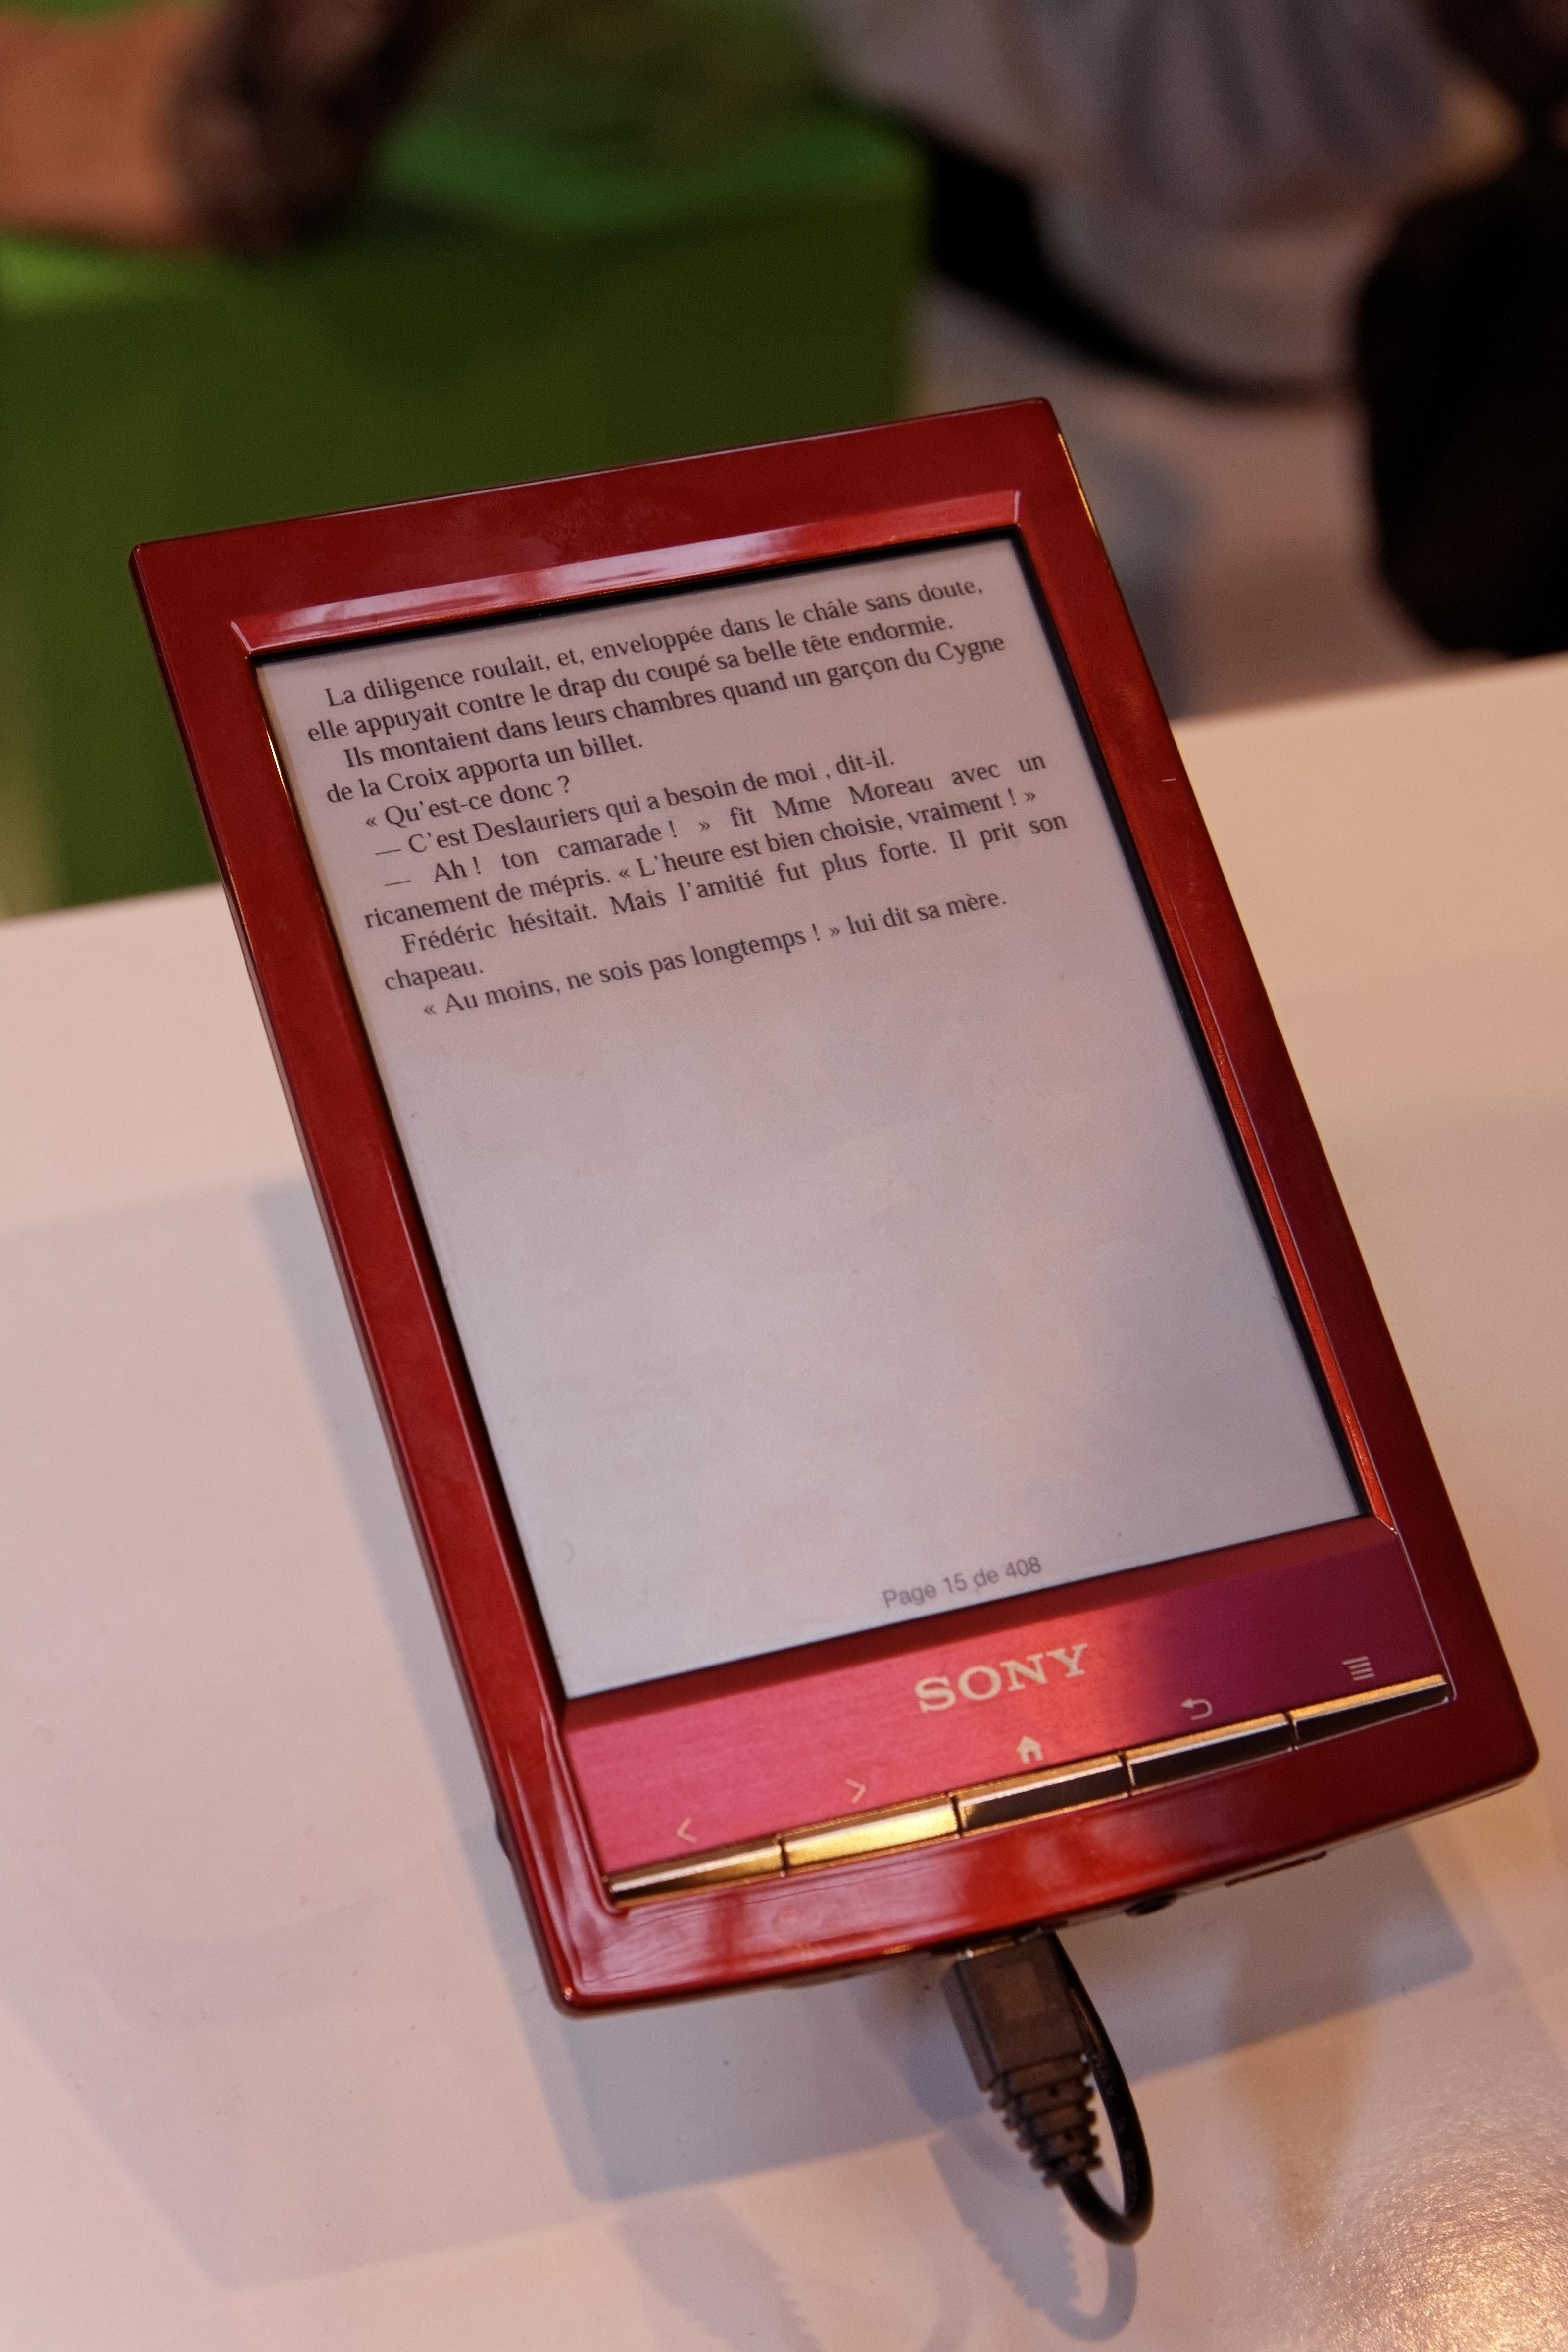 Fileparis salon du livre 2012 liseuse sony touch ereader prs t1 fileparis salon du livre 2012 liseuse sony touch ereader prs t1 publicscrutiny Images